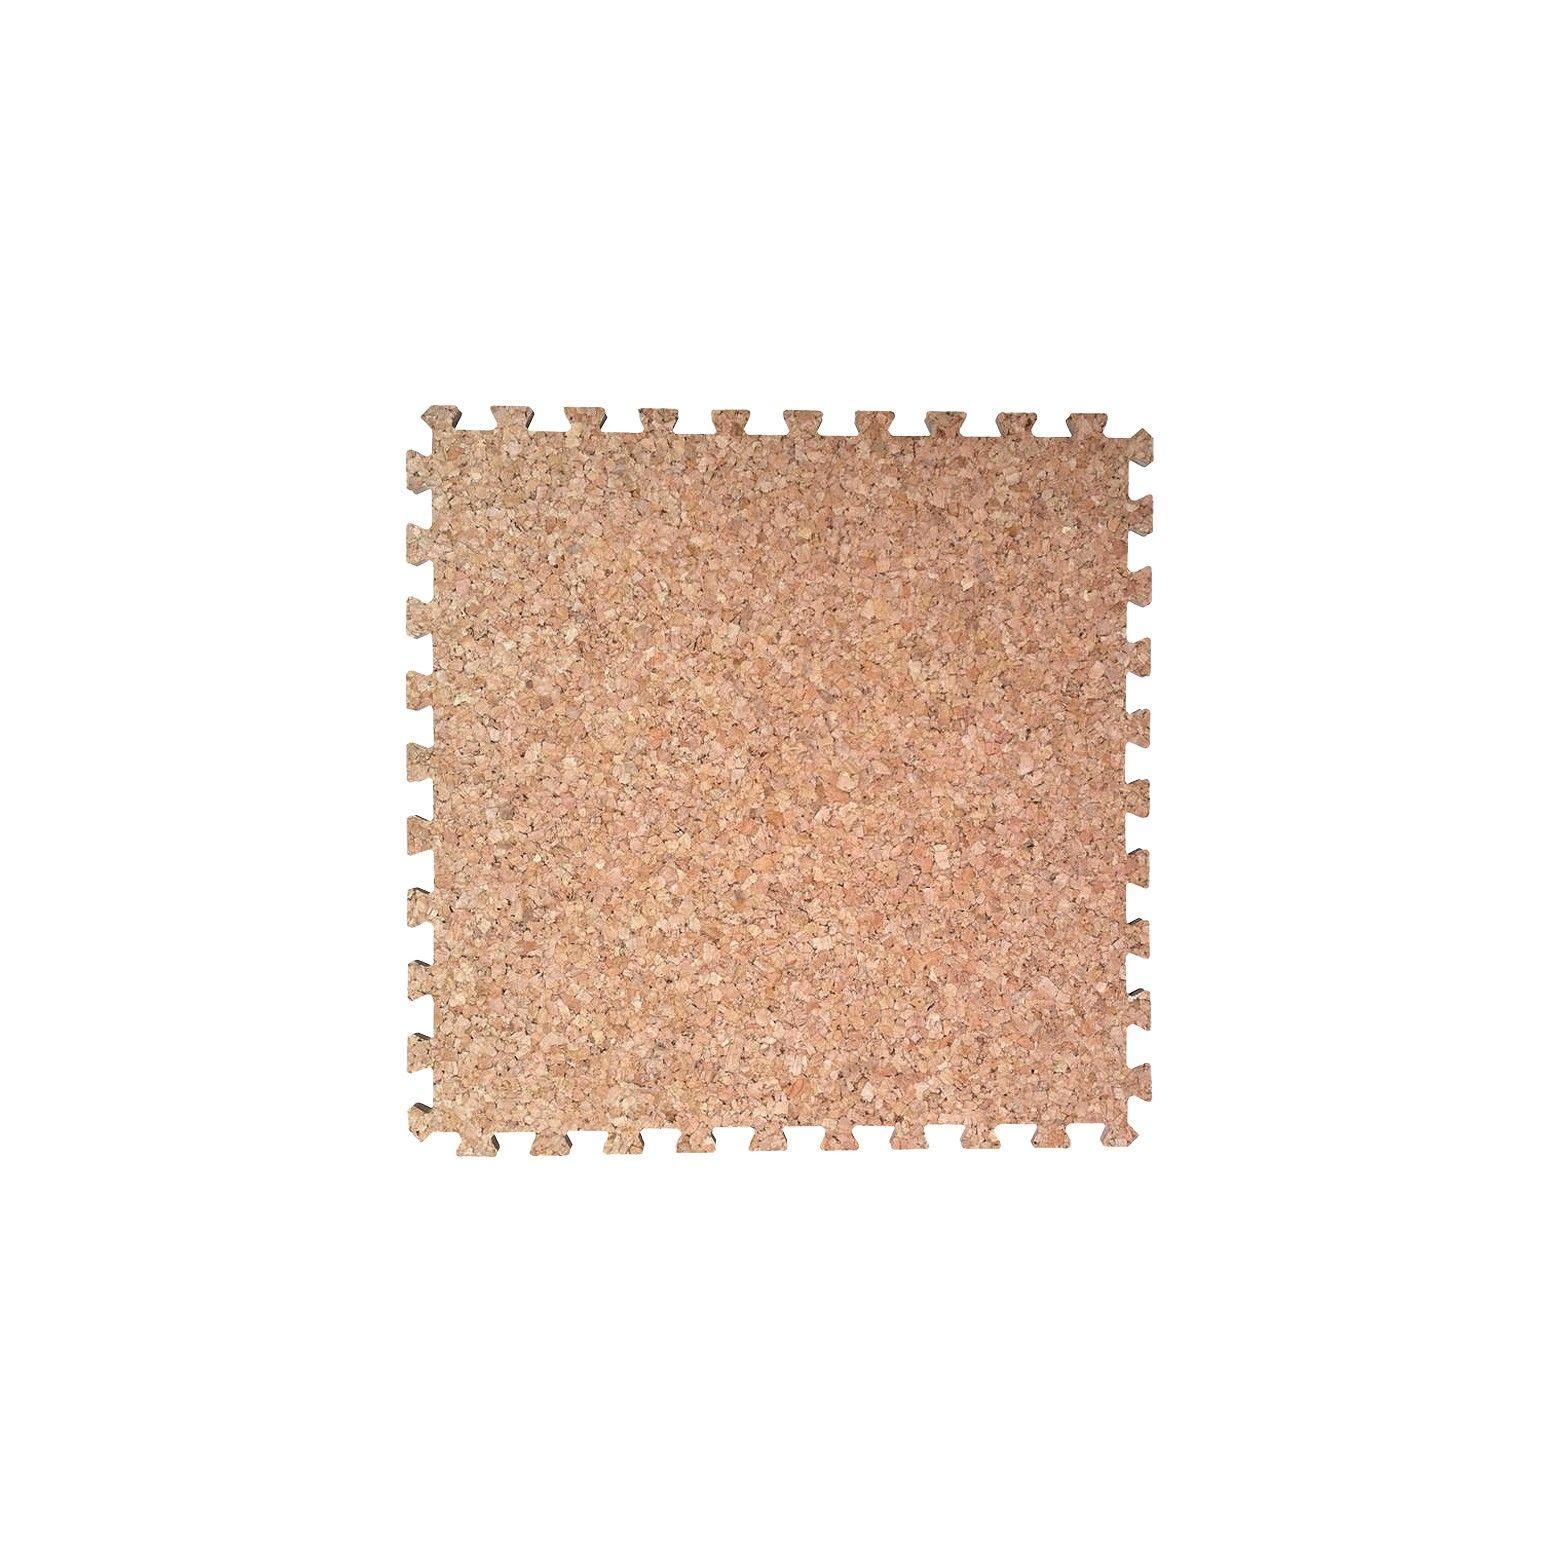 Using Soft Eva Foam Tadpoles Cork Laminate Floor Mats Provide A Fun Cushioned Surface For Your Little One Made Of 12 A Playmat Foam Tiles Foam Mat Flooring